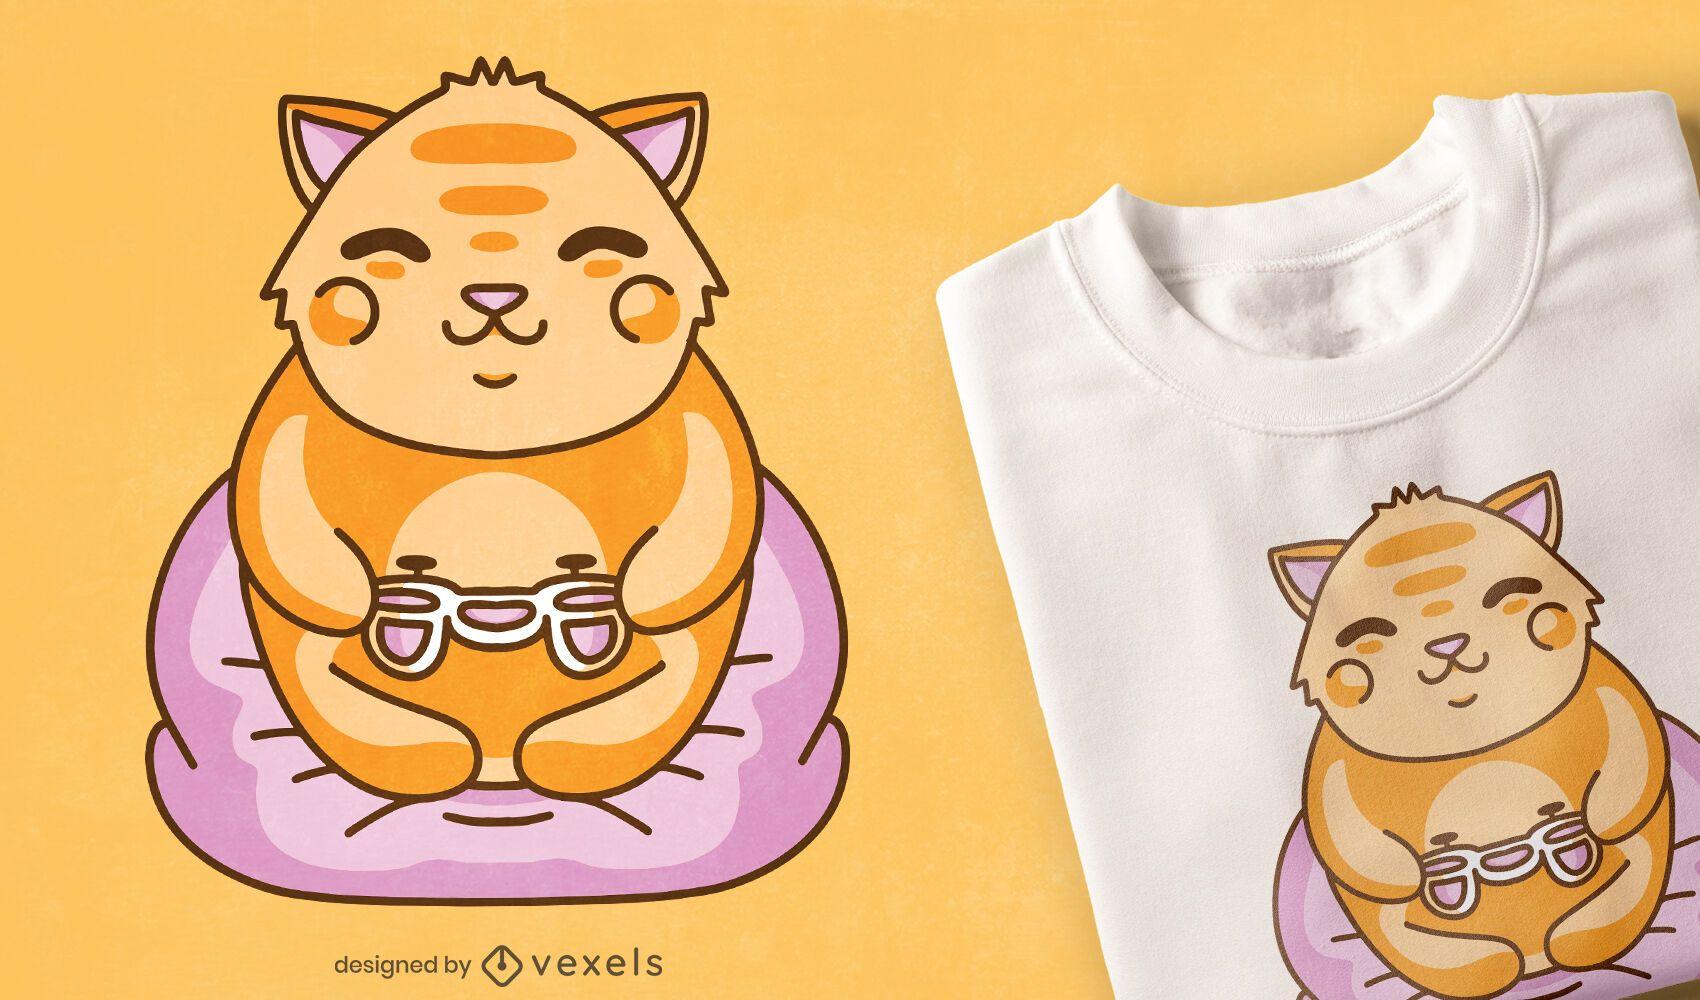 Kawaii gaming cat t-shirt design